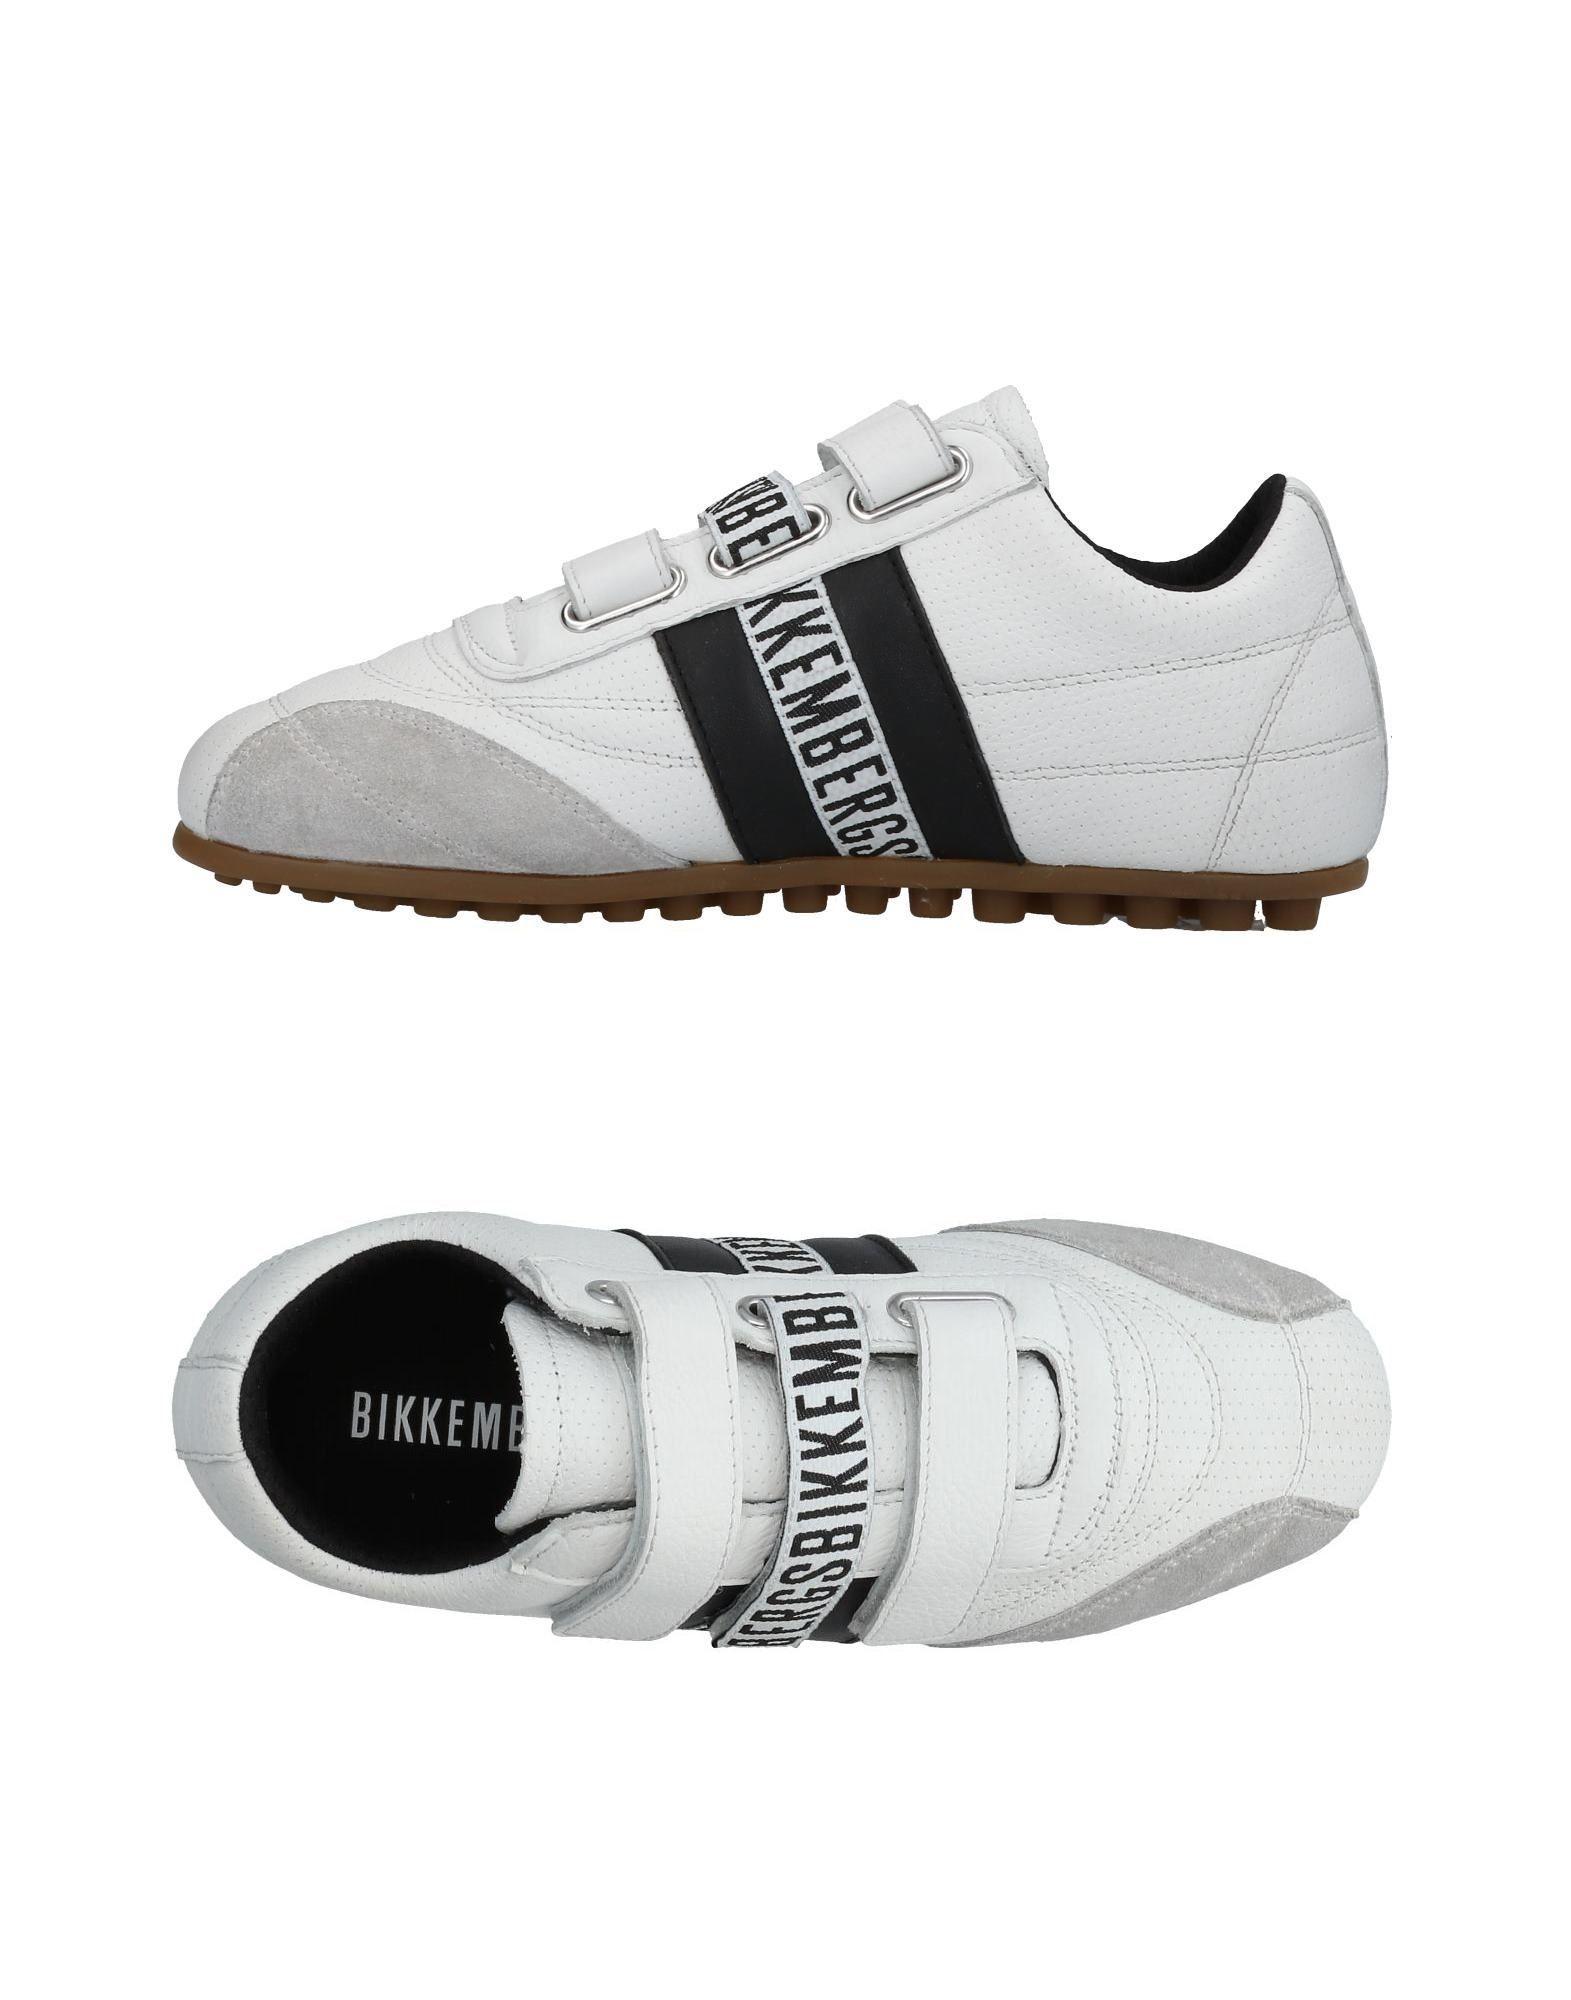 Sneakers Bikkembergs Femme - Sneakers Bikkembergs sur